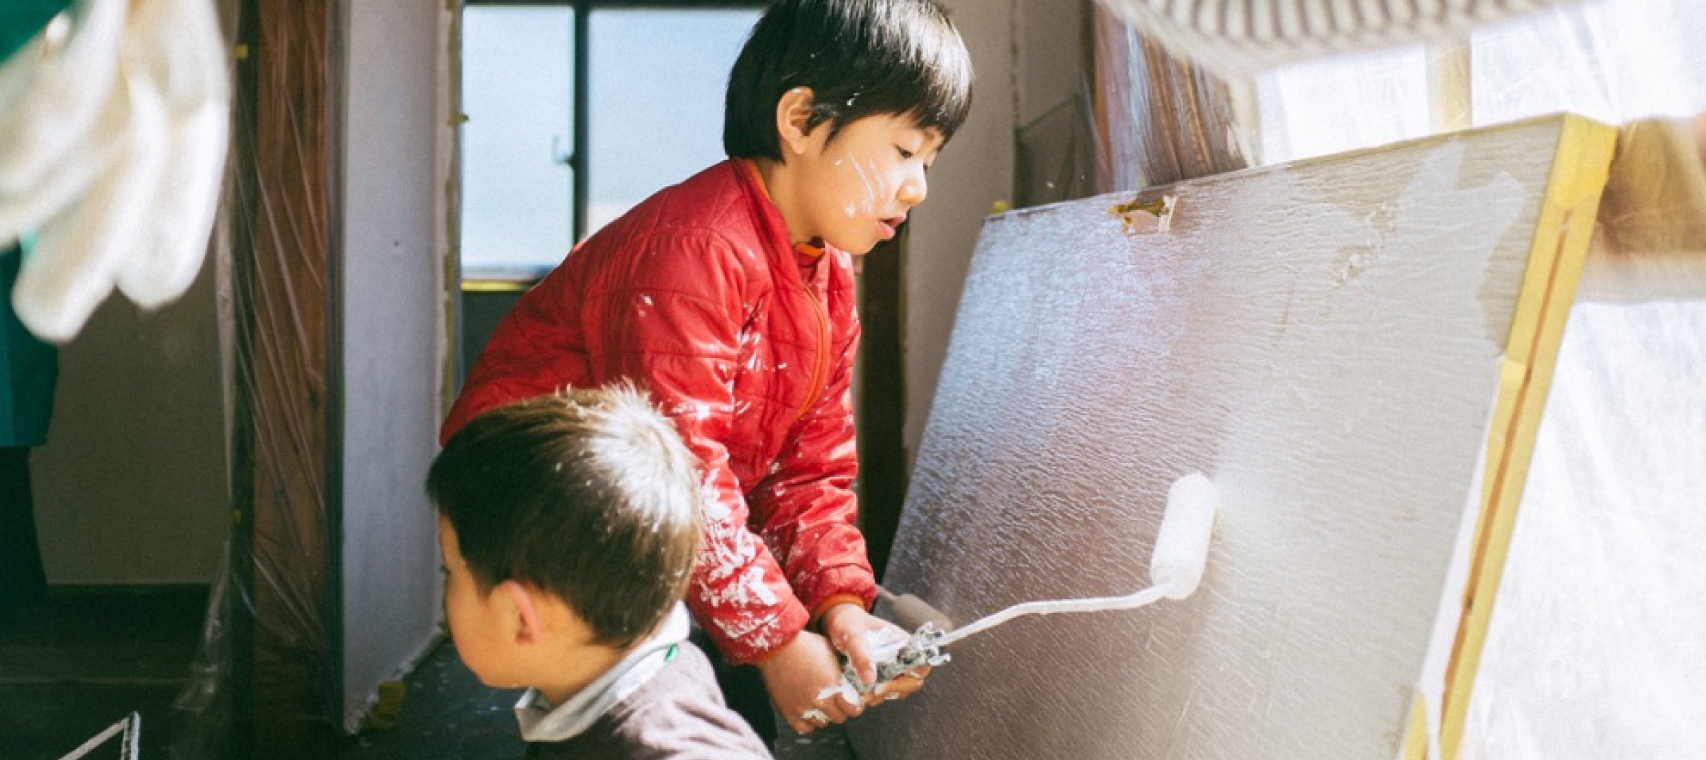 暮らしの中にDIYを。空き家リノベから学ぶ、豊かな生活。